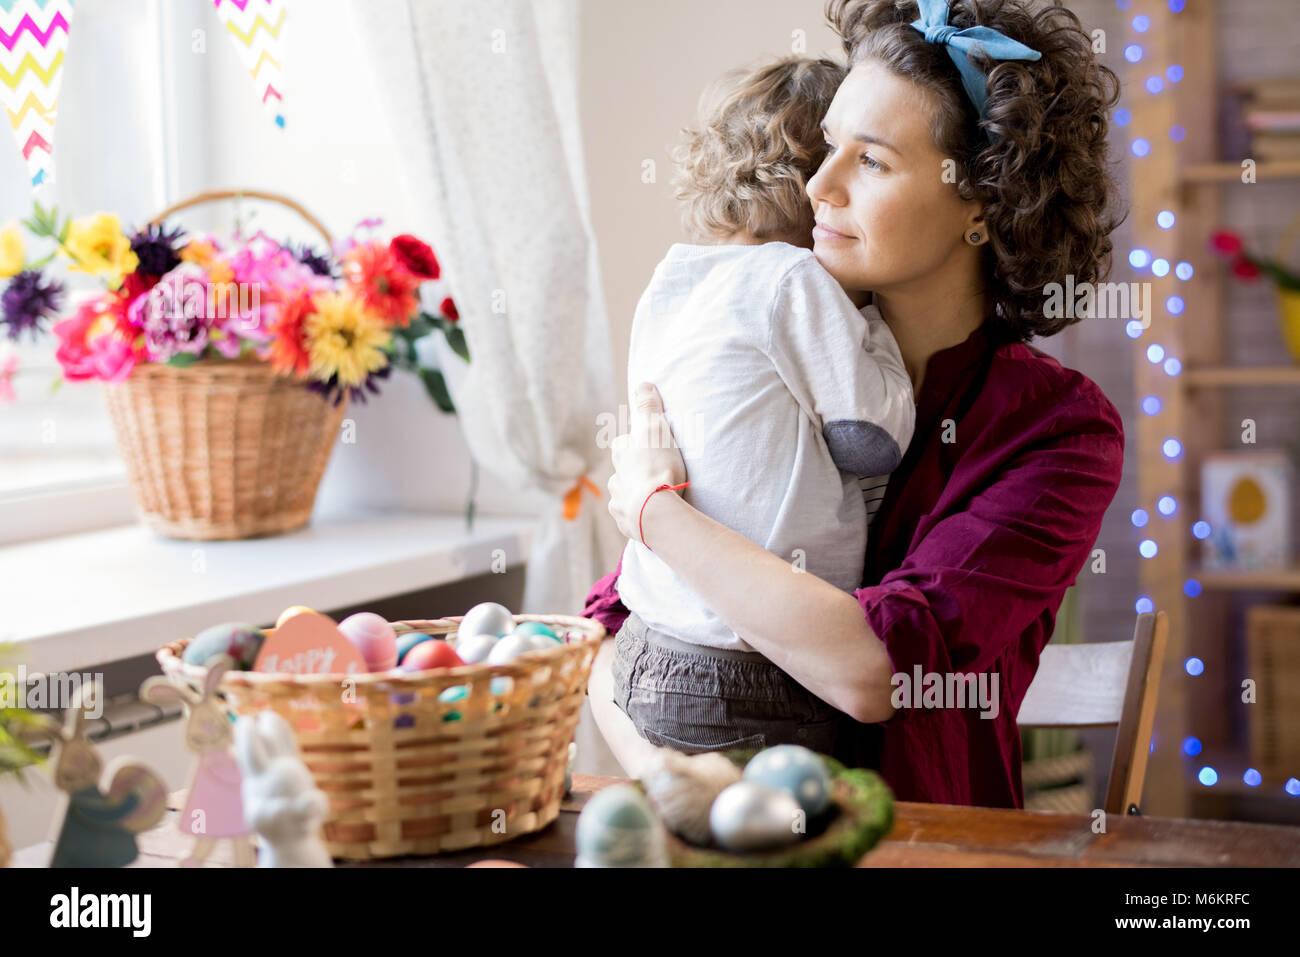 Famille aimante célébrer Pâques Photo Stock